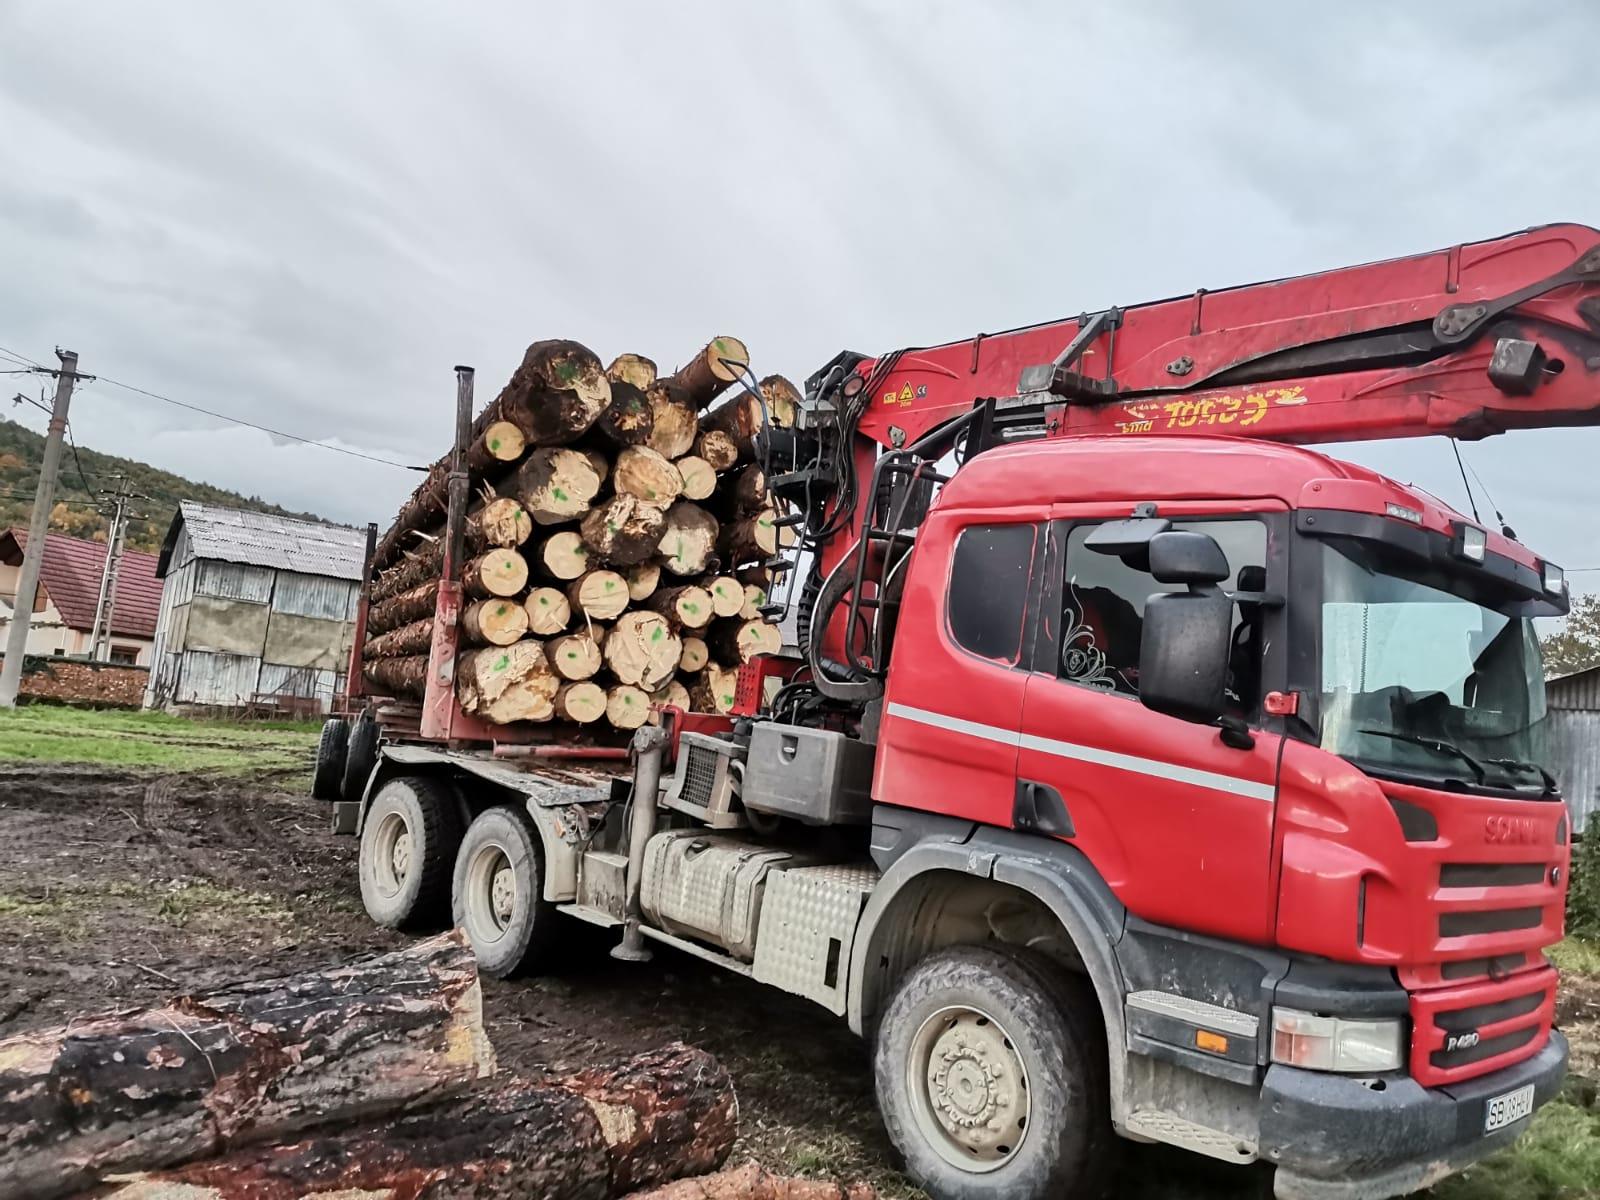 Scutul pădurii: Tânăr amendat cu 5.000 de lei pentru că transporta lemn furat